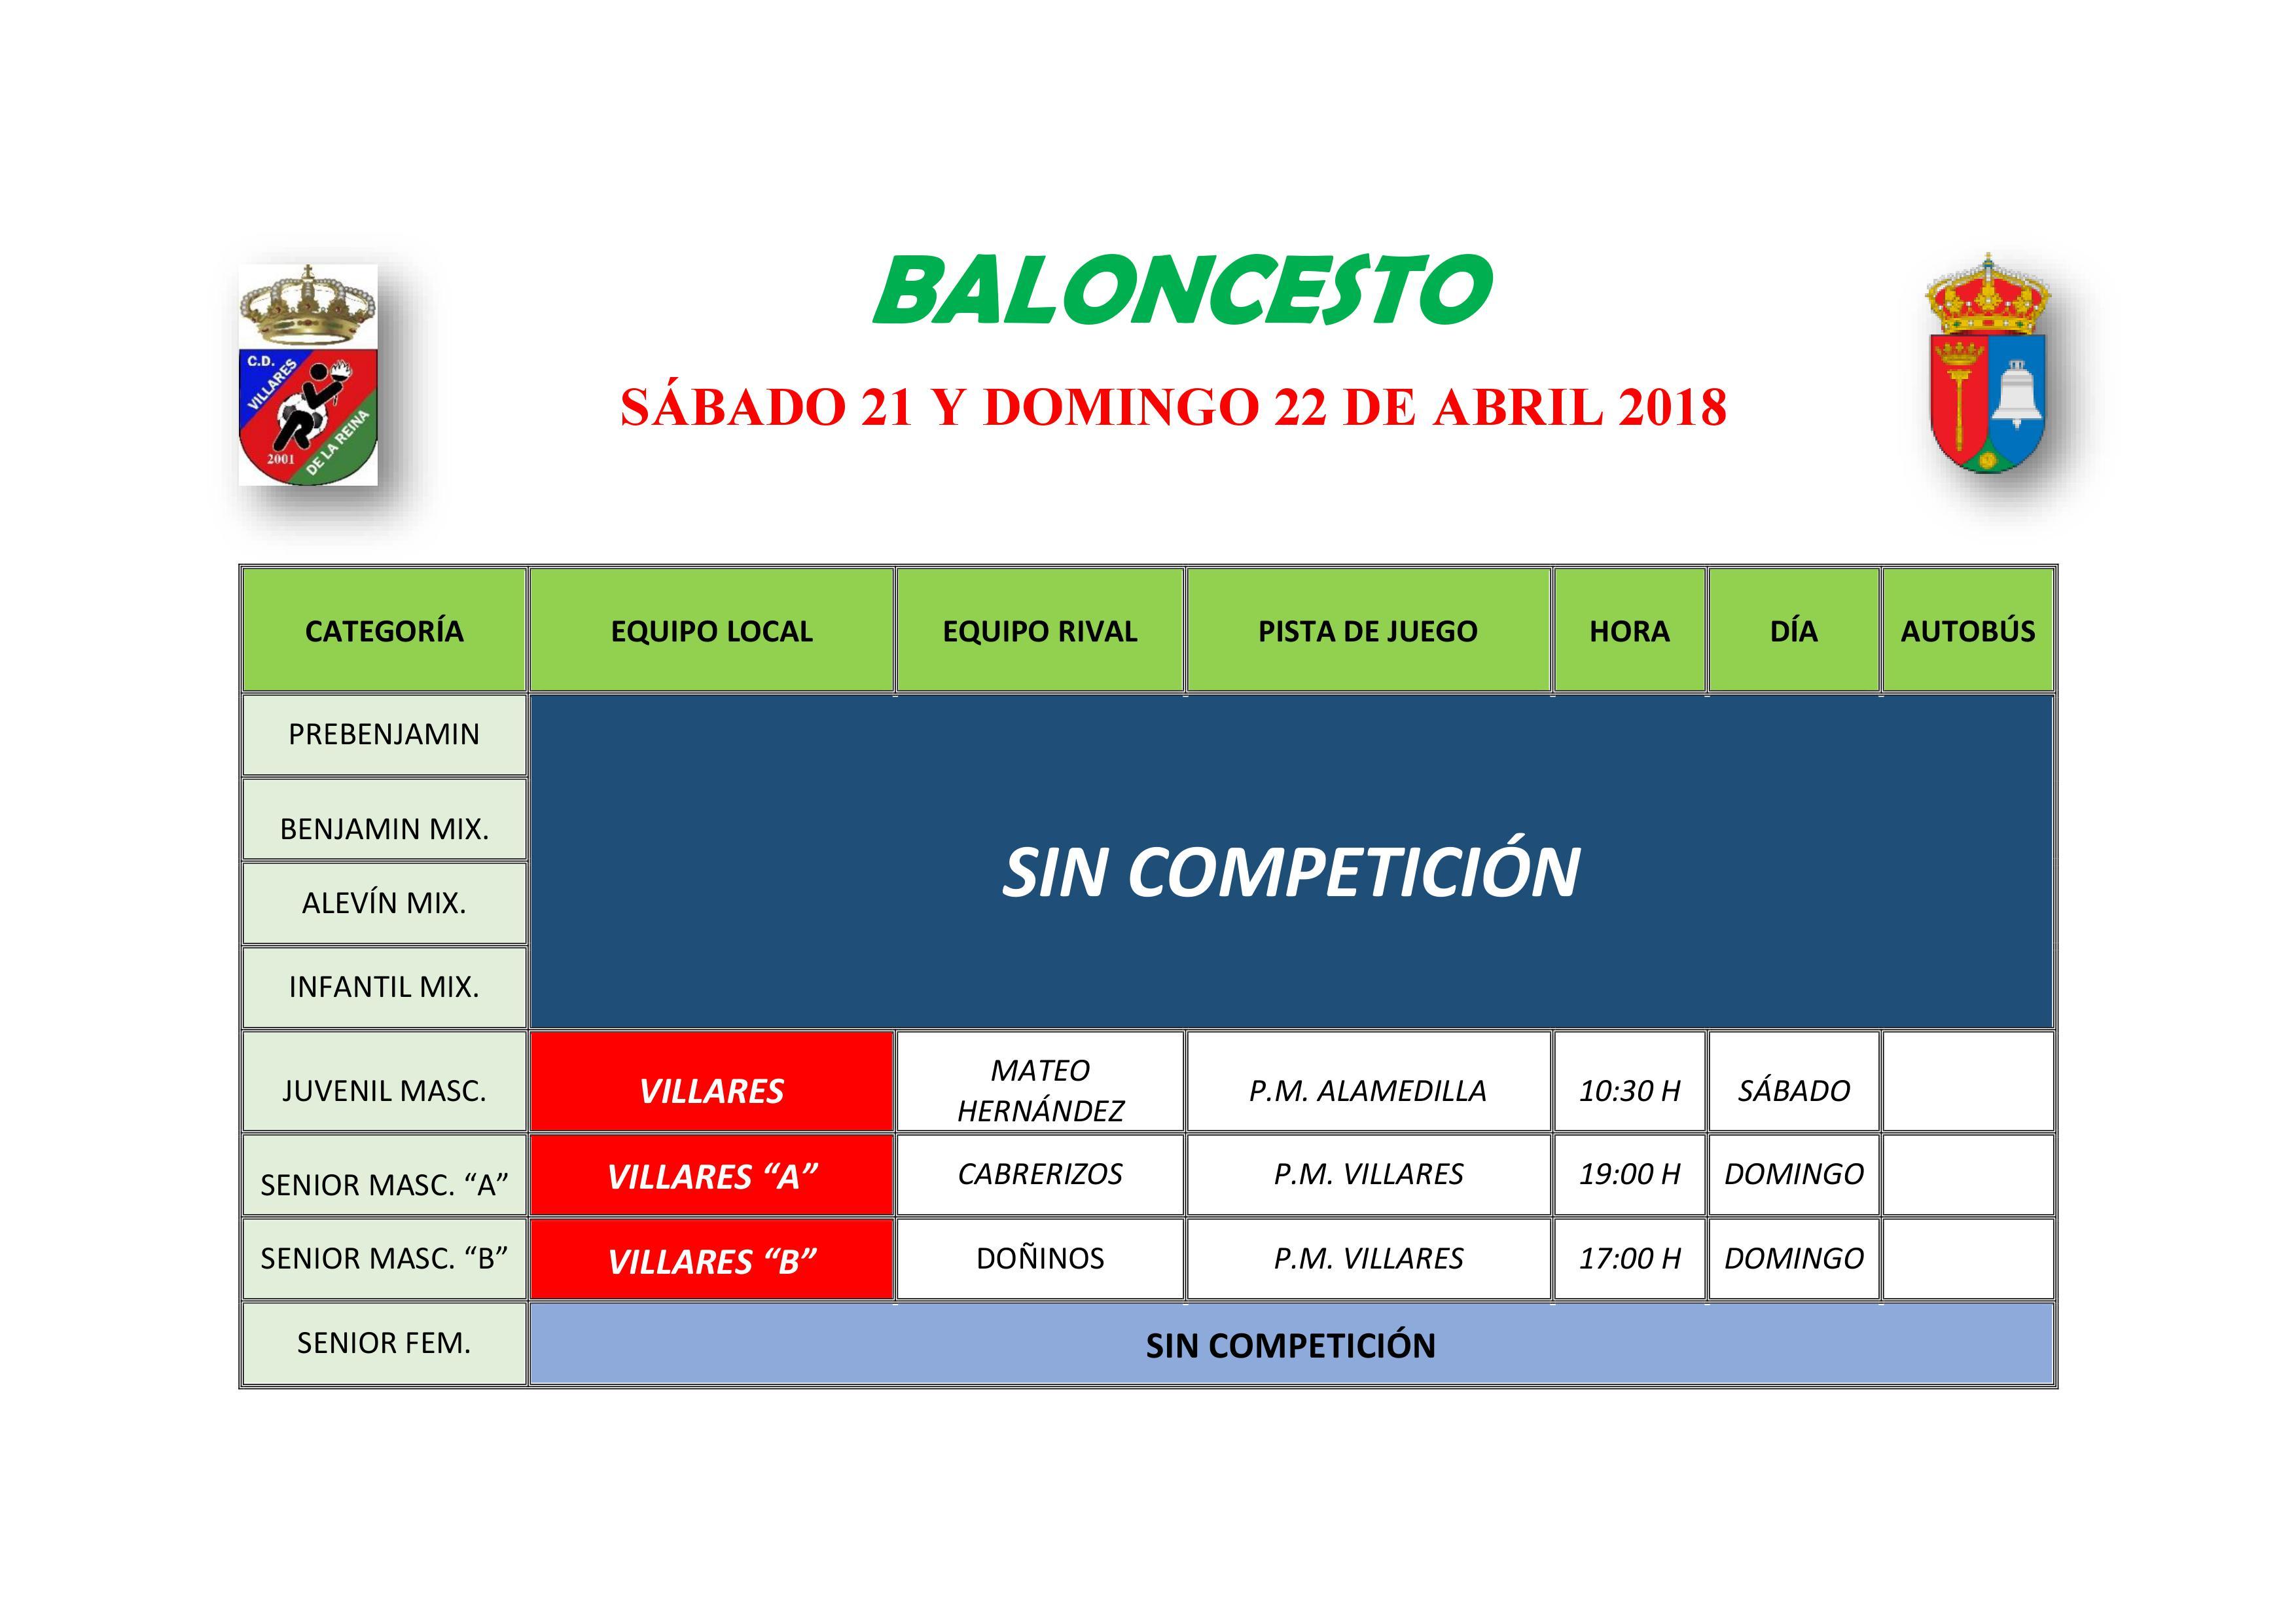 HORARIO BALONCESTO 21-22 ABRIL